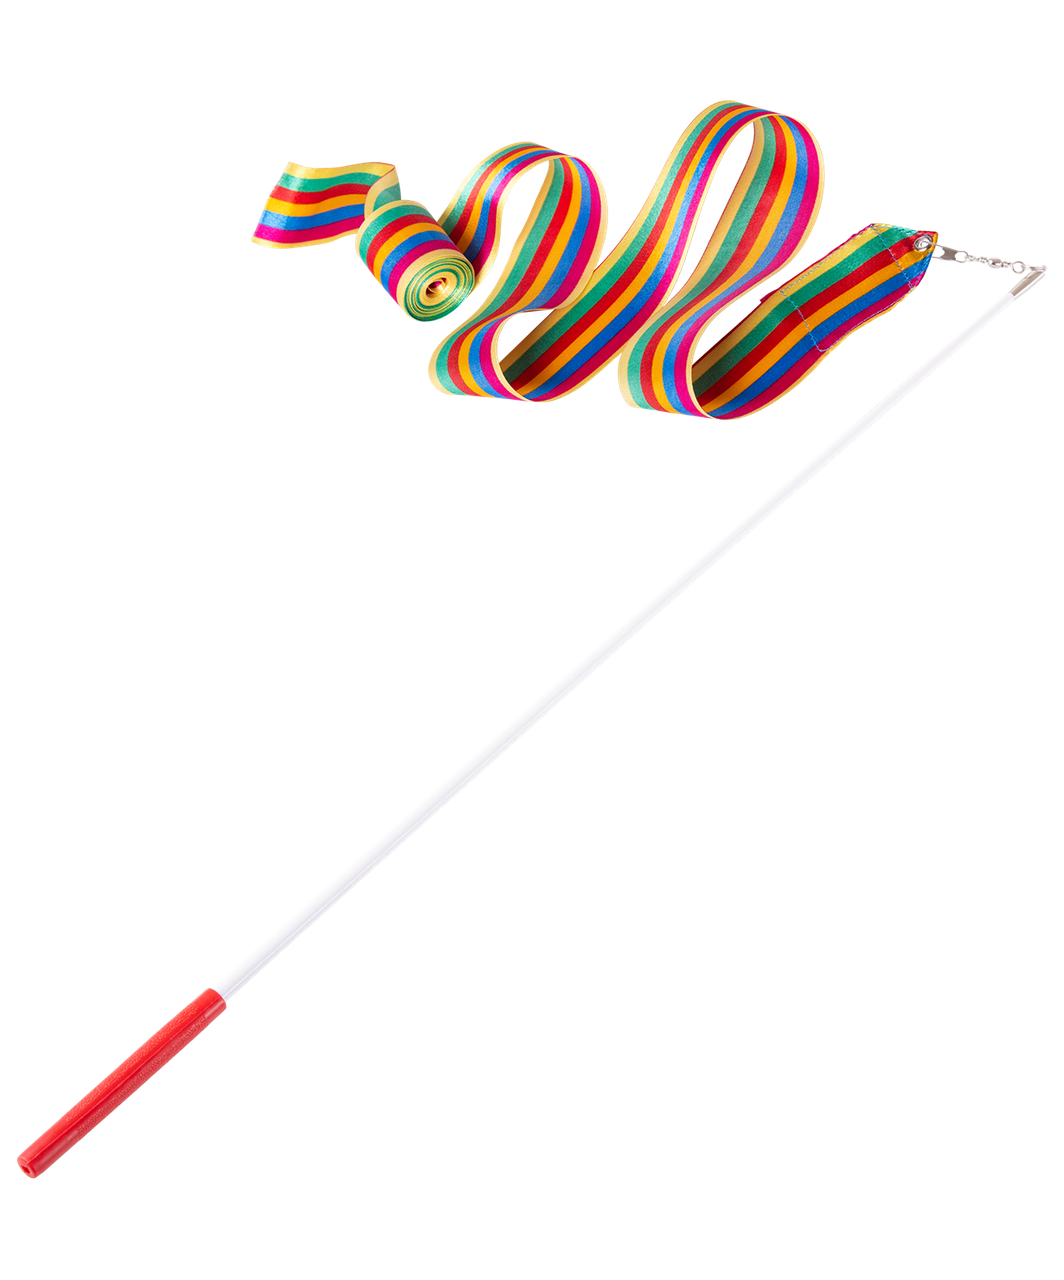 Лента для художественной гимнастики AGR-201 4м, с палочкой 46 см, радуга